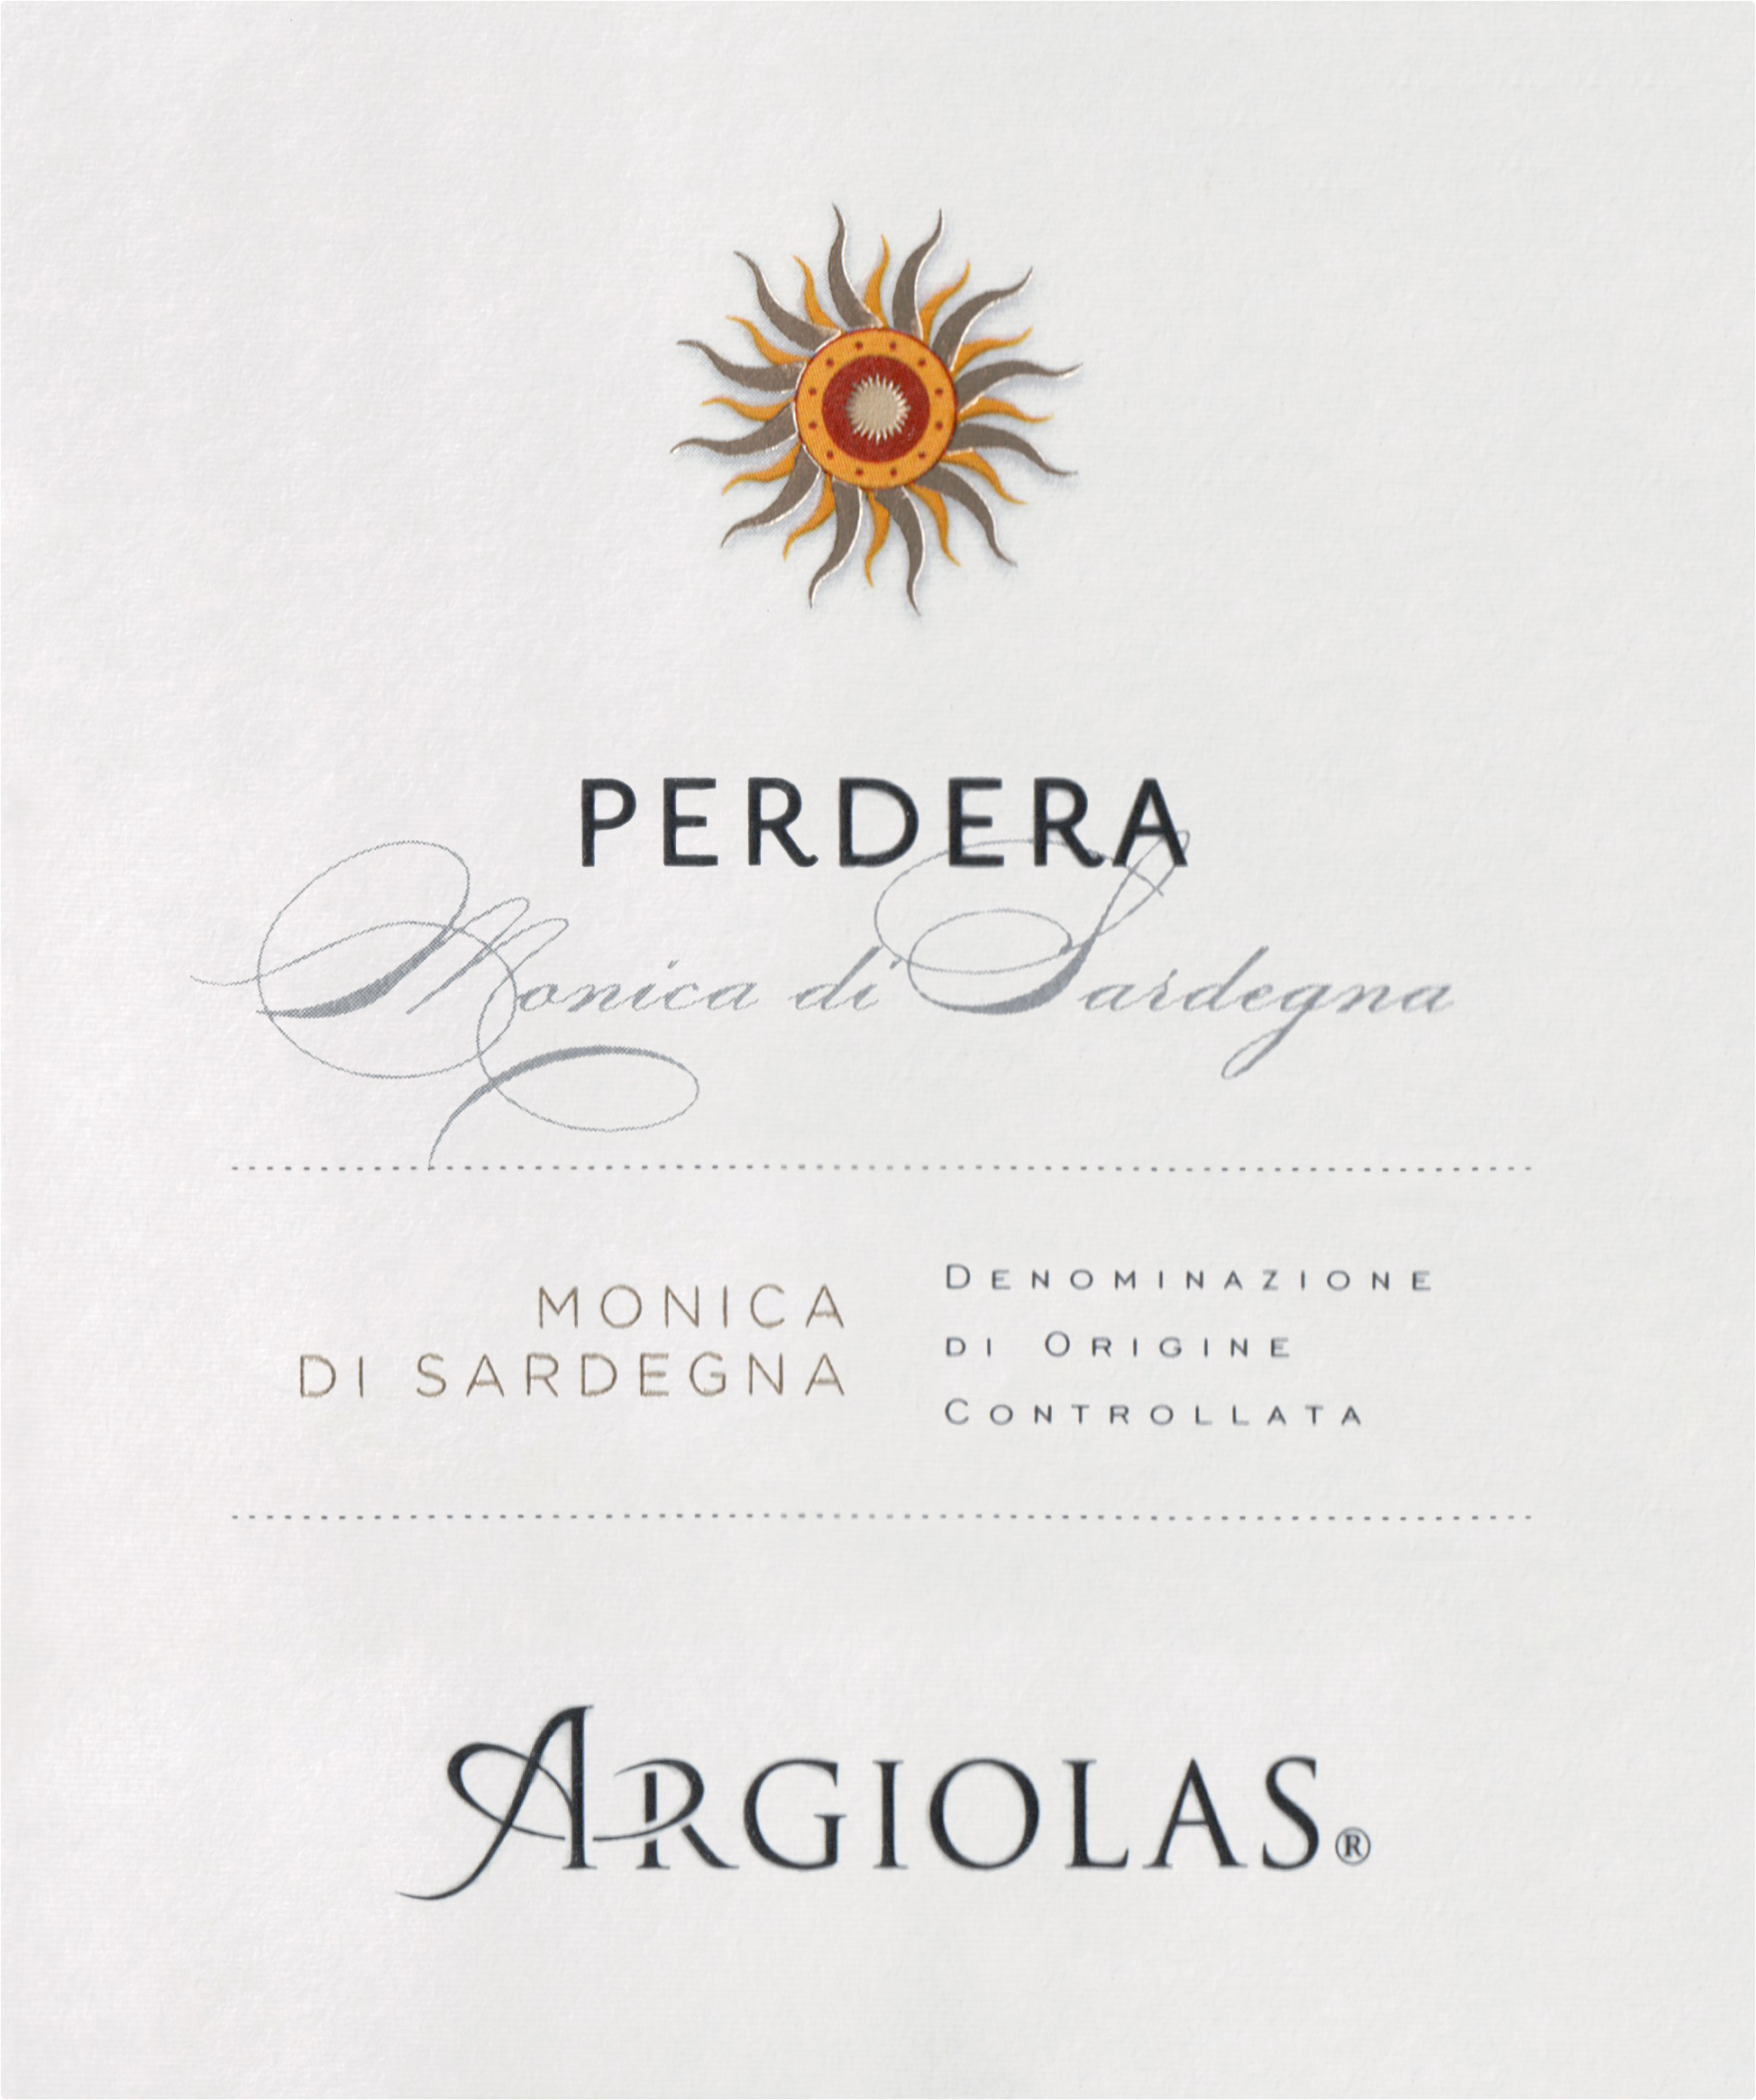 Argiolas Perdera 2017